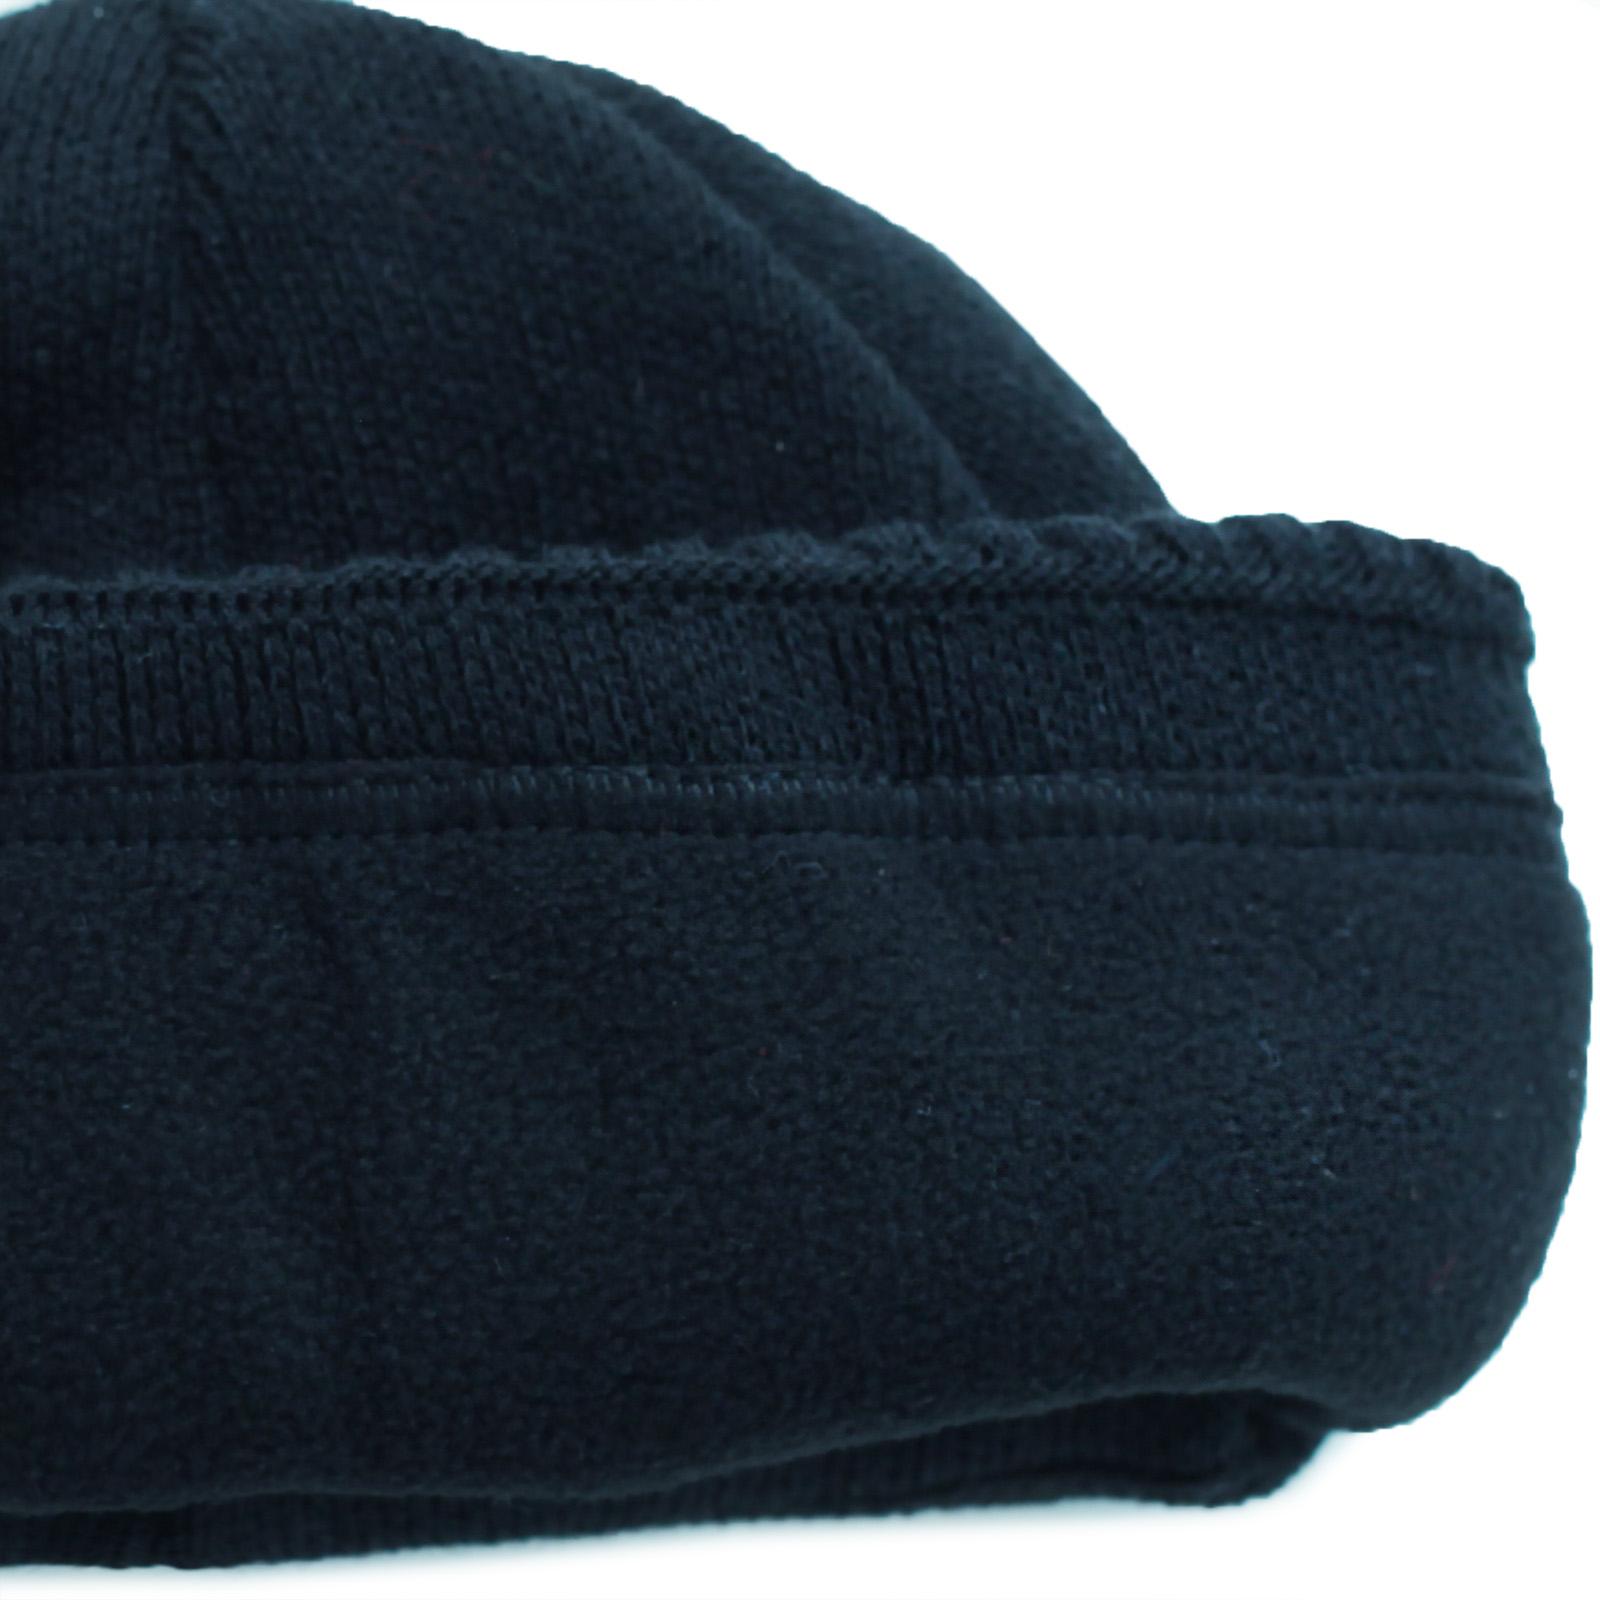 Заказать мужскую зимнюю шапочку с флисом с доставкой